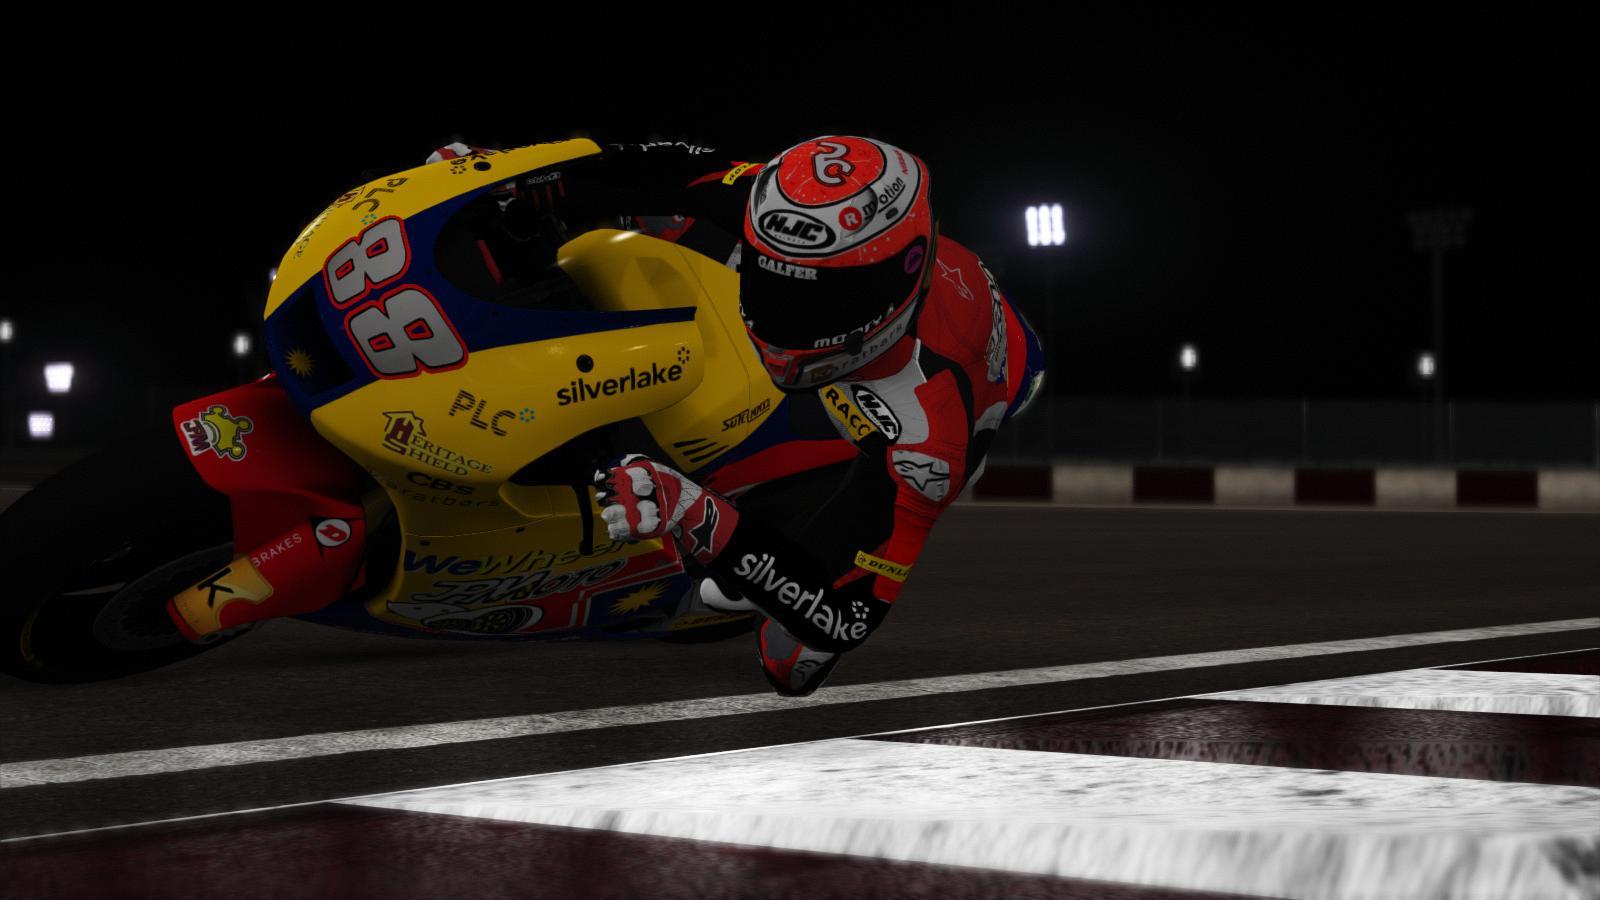 MotoGP15X64 2016-03-08 14-06-58-04.jpg